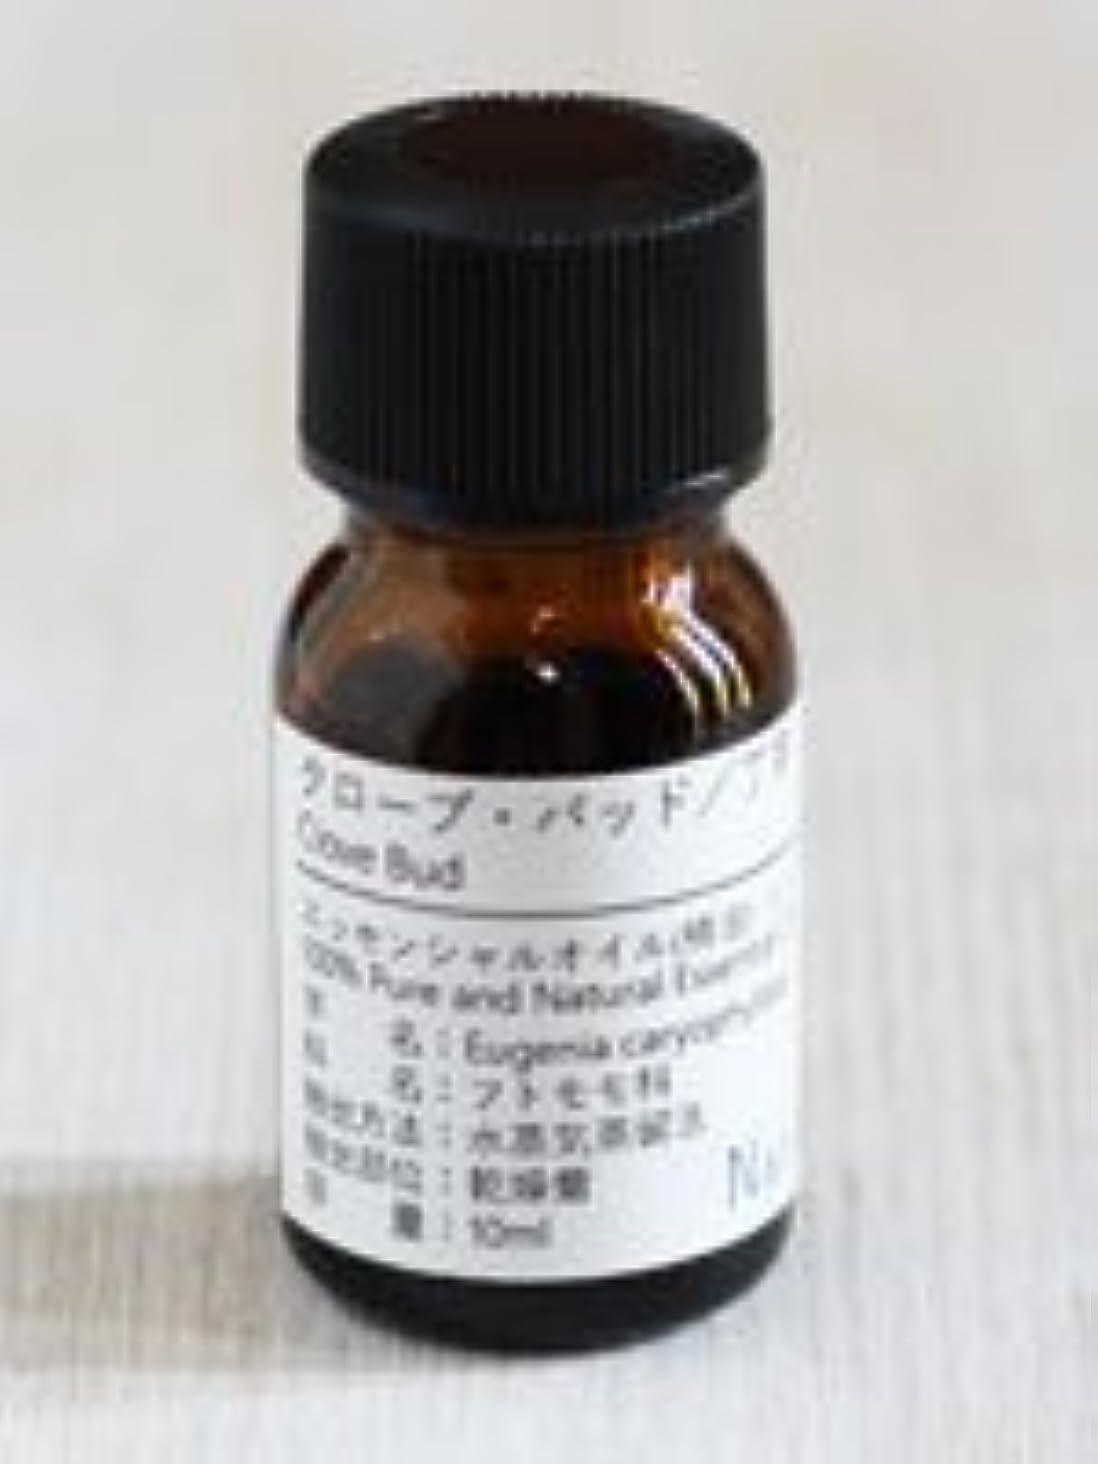 栄光十億驚いたことにNatural蒼 クローブ?バッド/エッセンシャルオイル 精油天然100% (30ml)